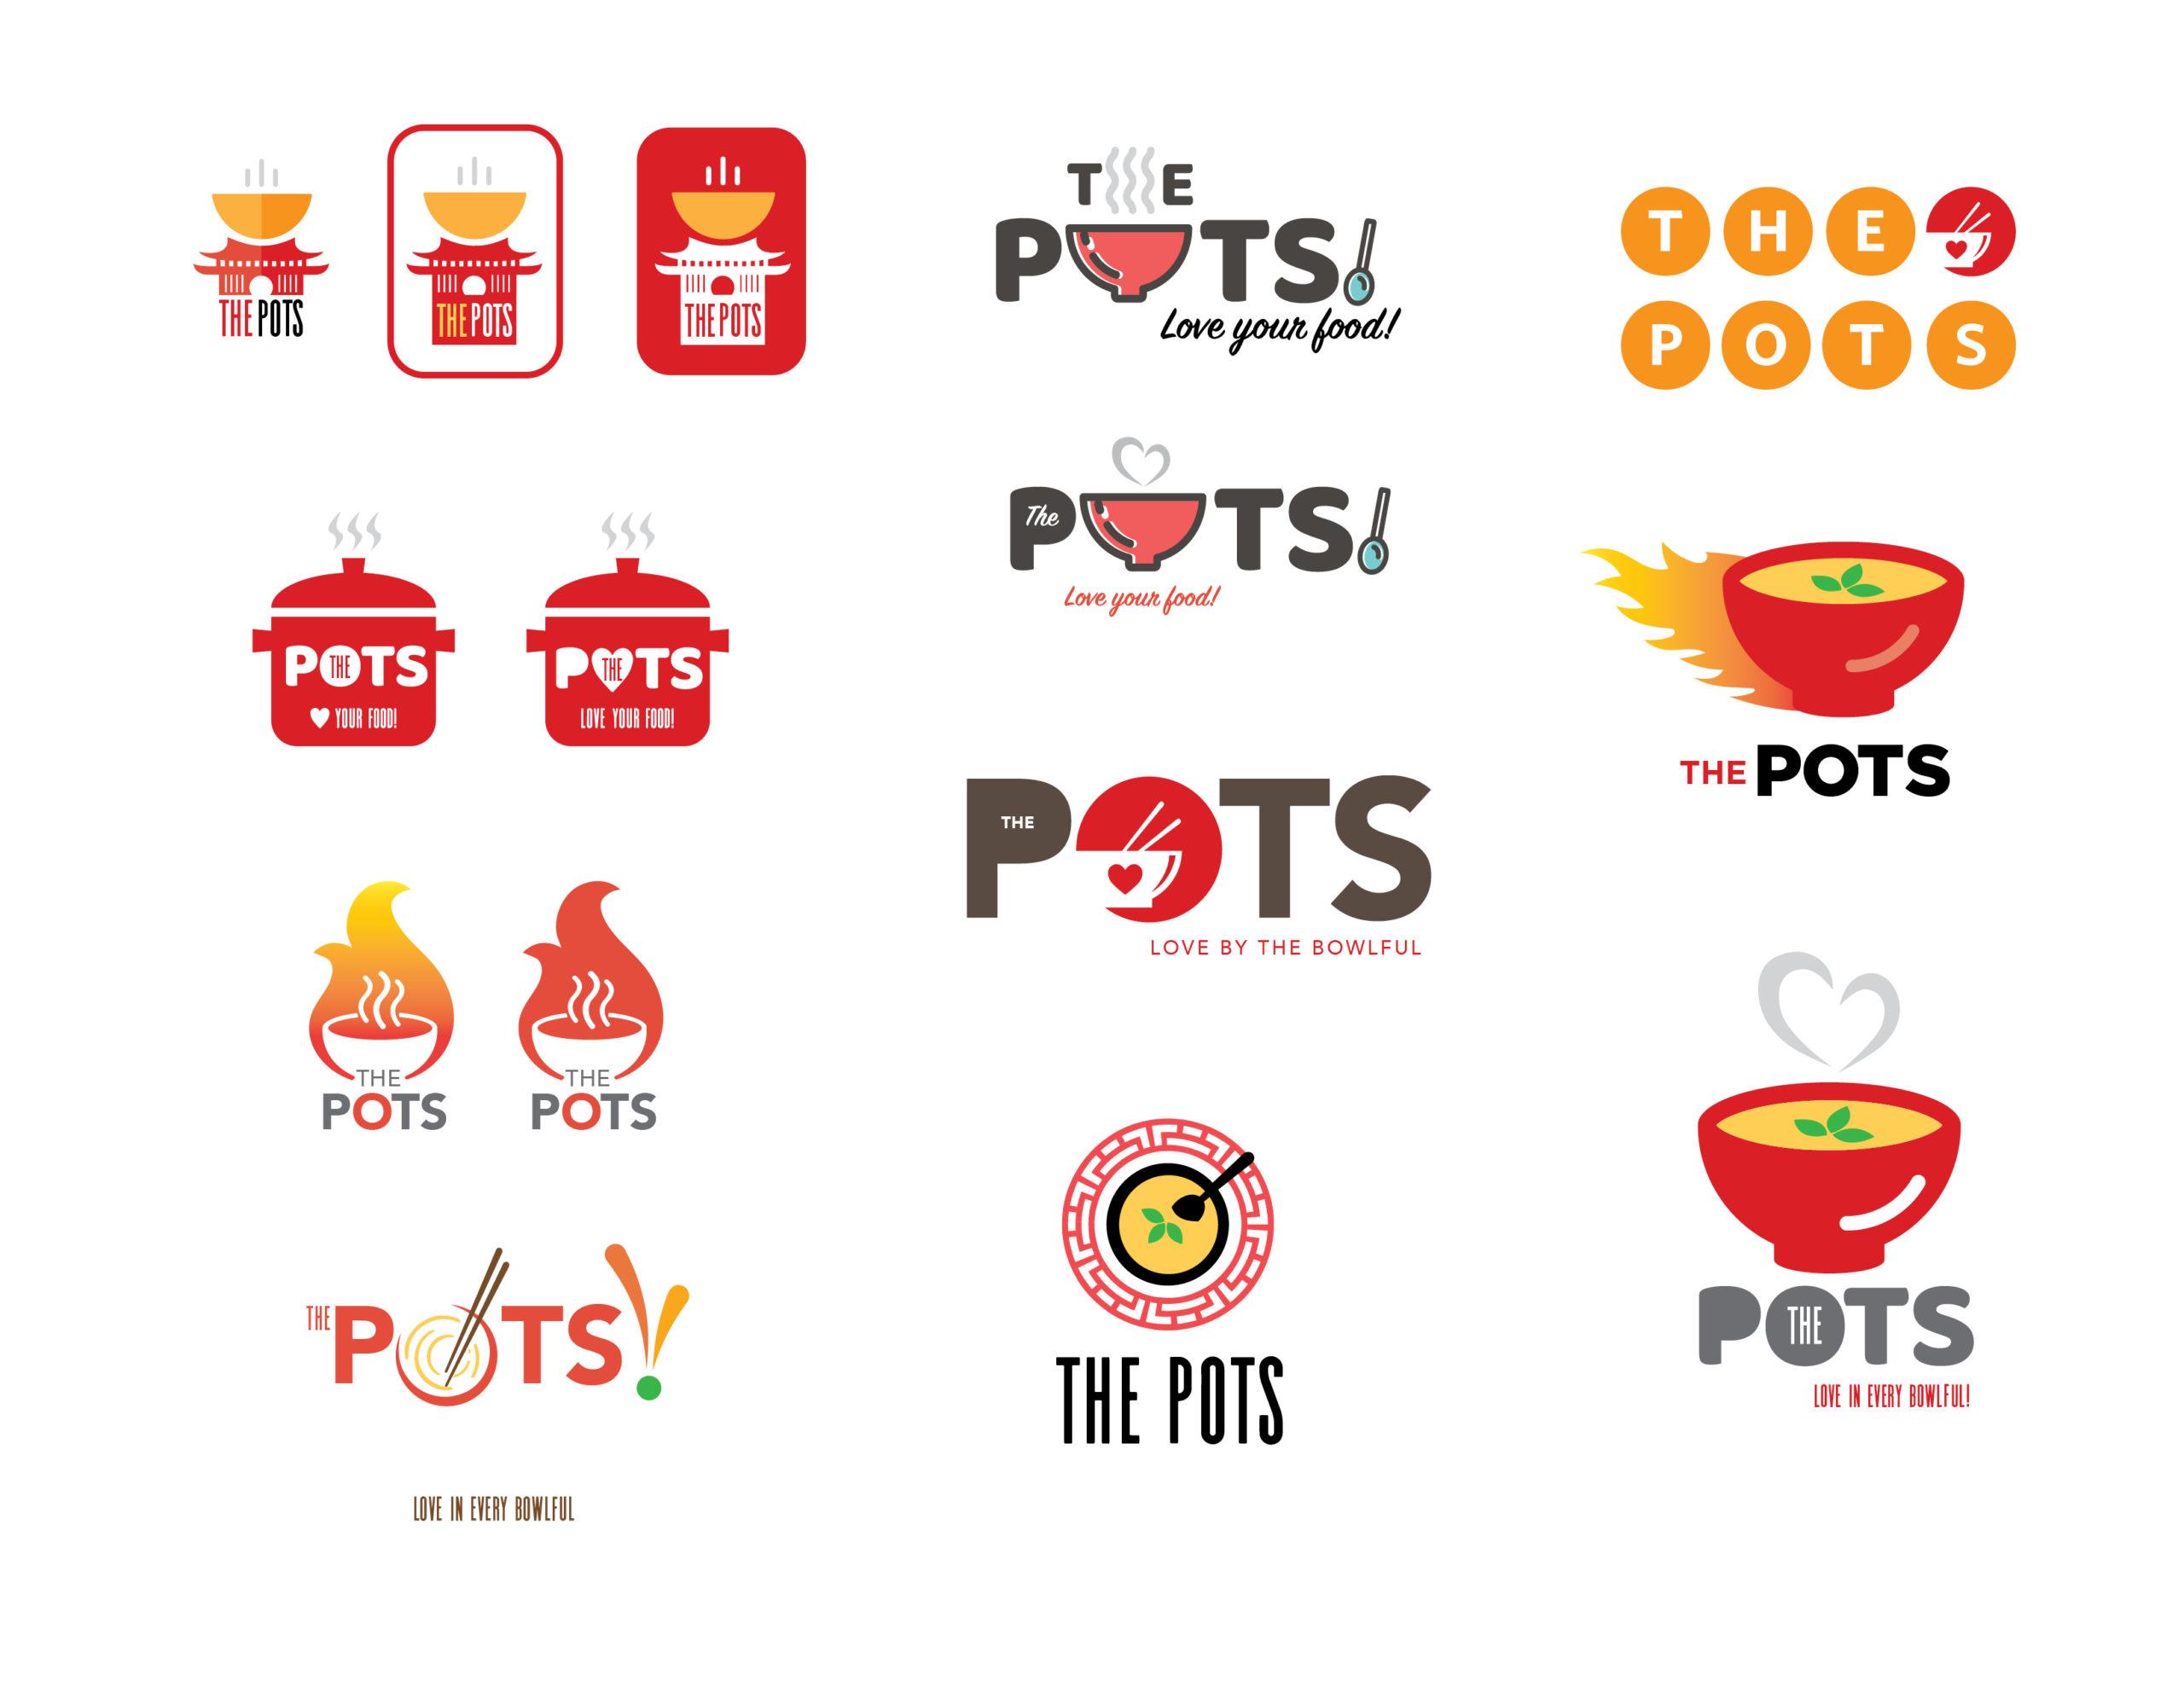 The Pots logo concepts